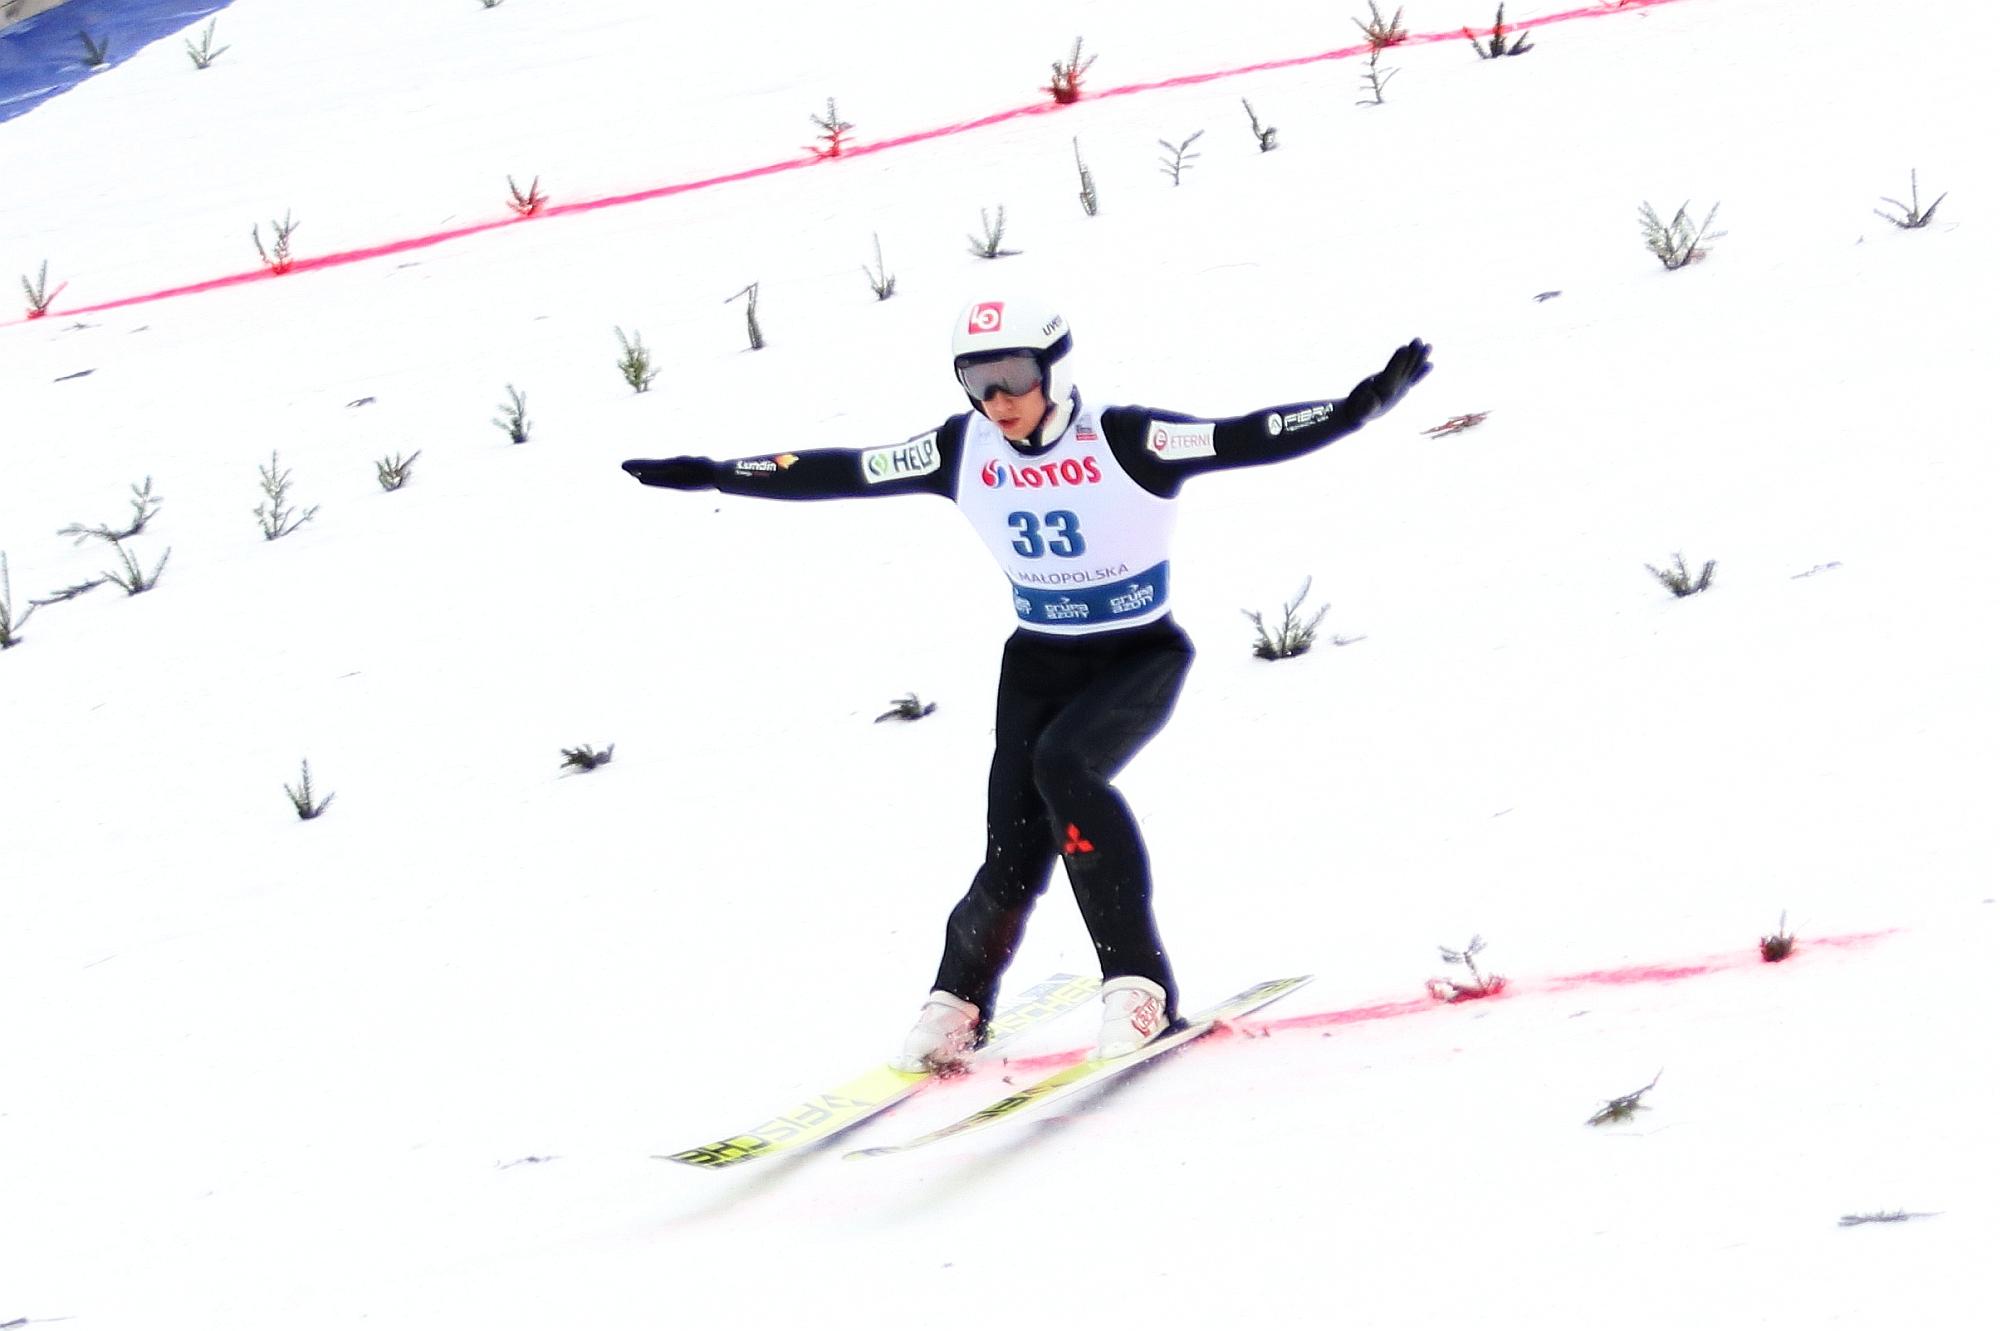 """Benjamin Oestvold po 150-metrowym skoku w Zakopanem: """"Mogłem polecieć 10 metrów dalej"""""""